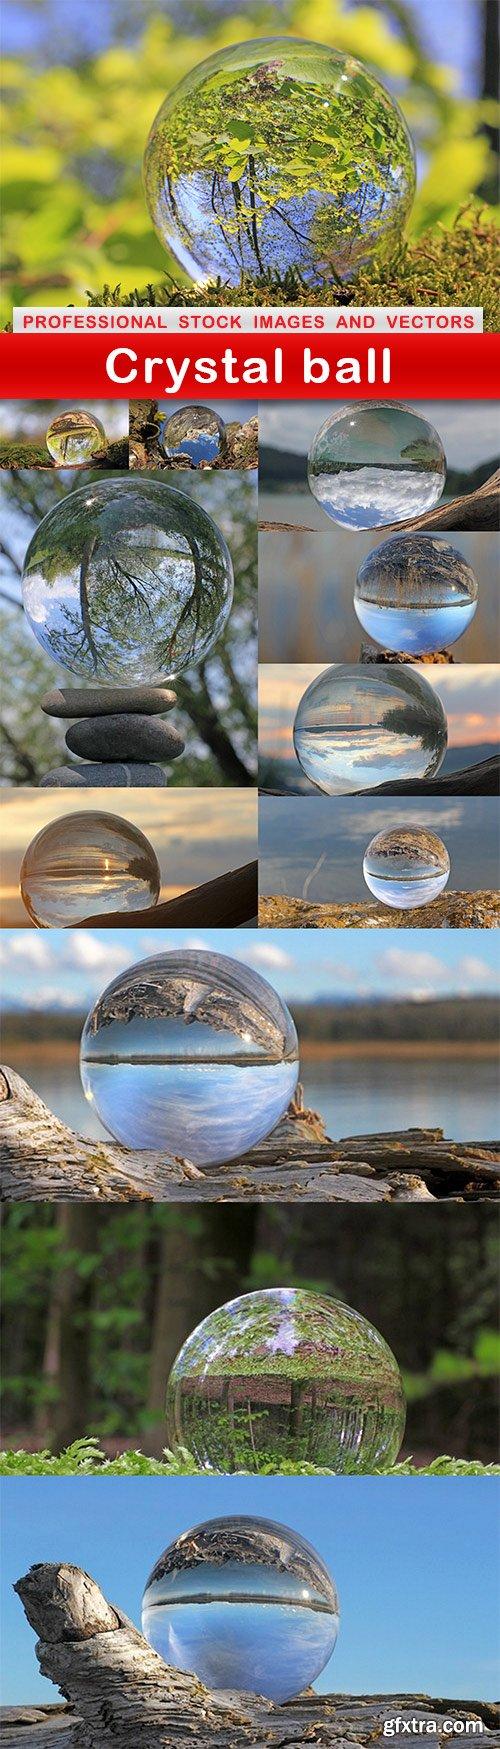 Crystal ball - 12 UHQ JPEG